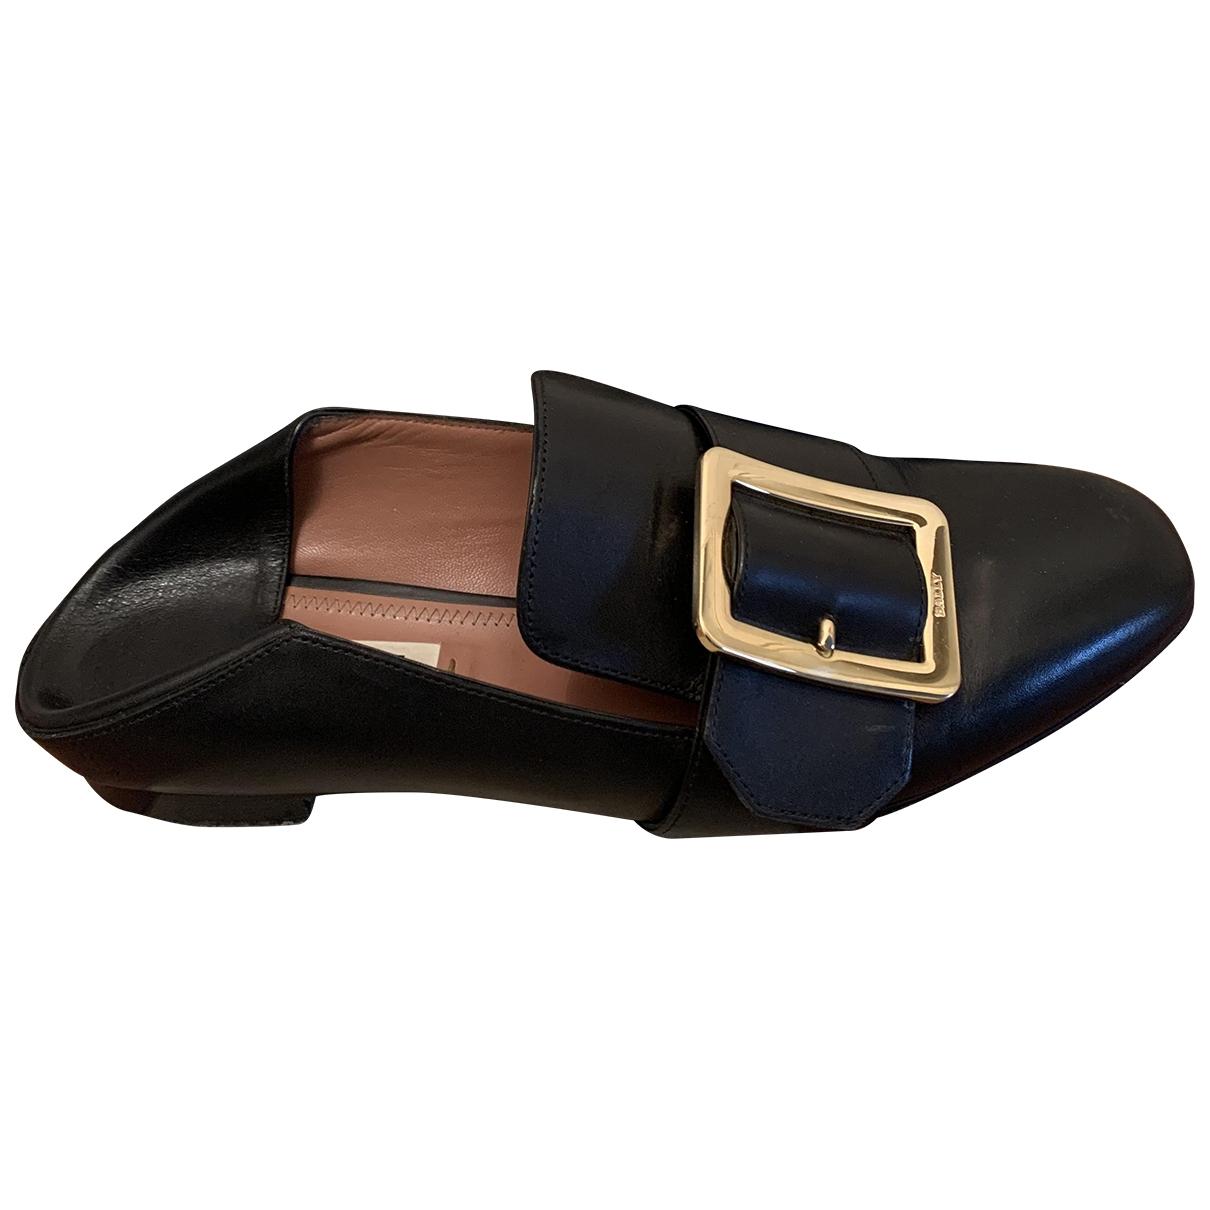 Bally - Sandales   pour femme en cuir - noir